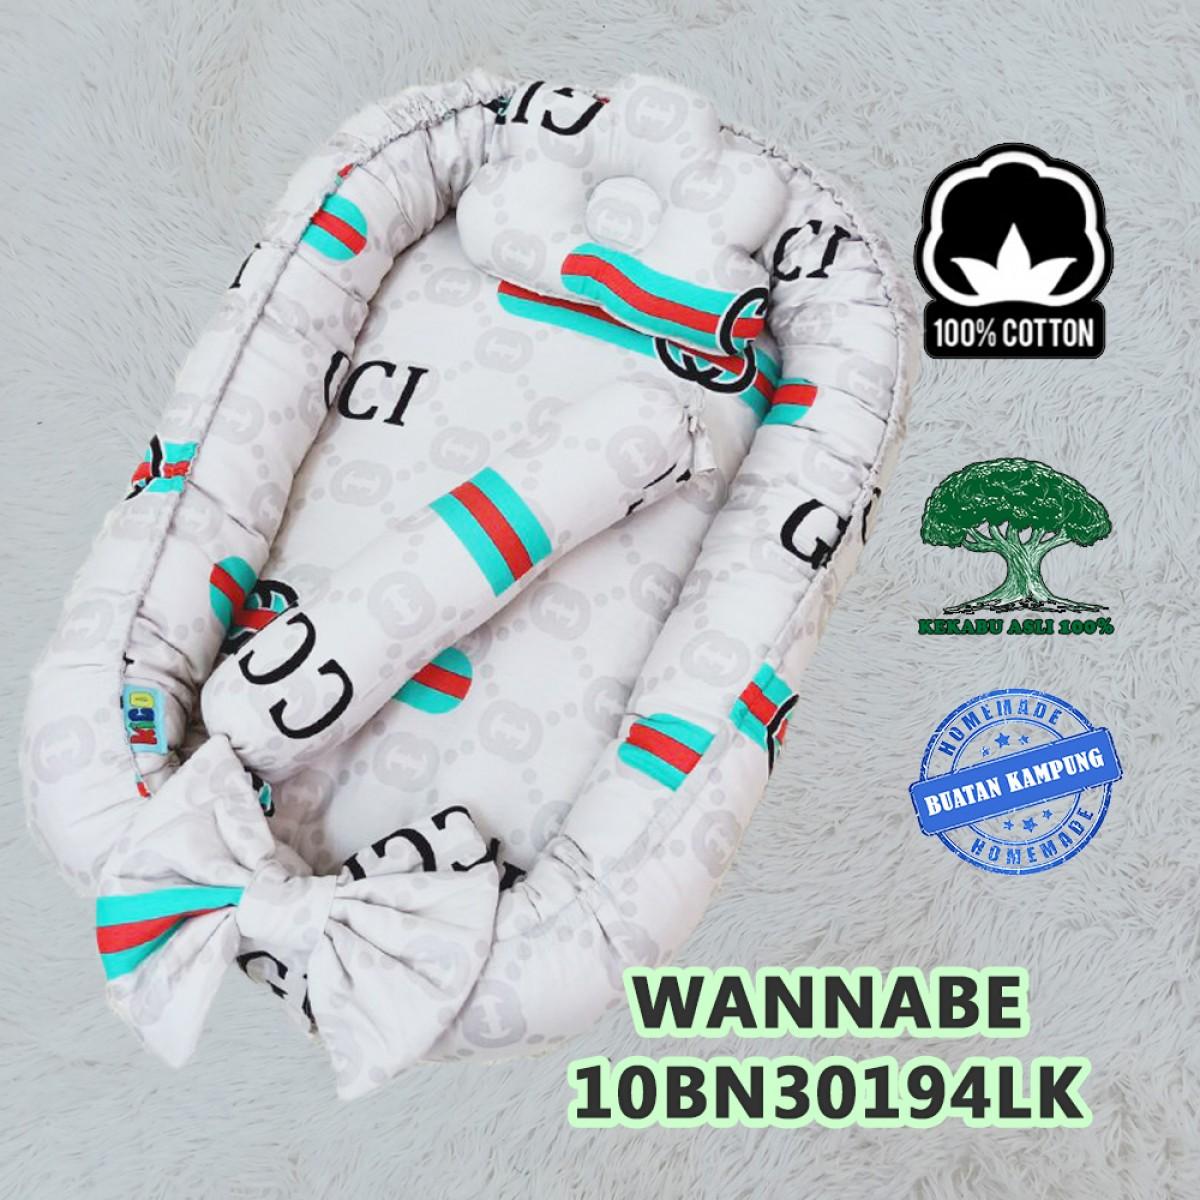 Wannabe - Kico Baby Center